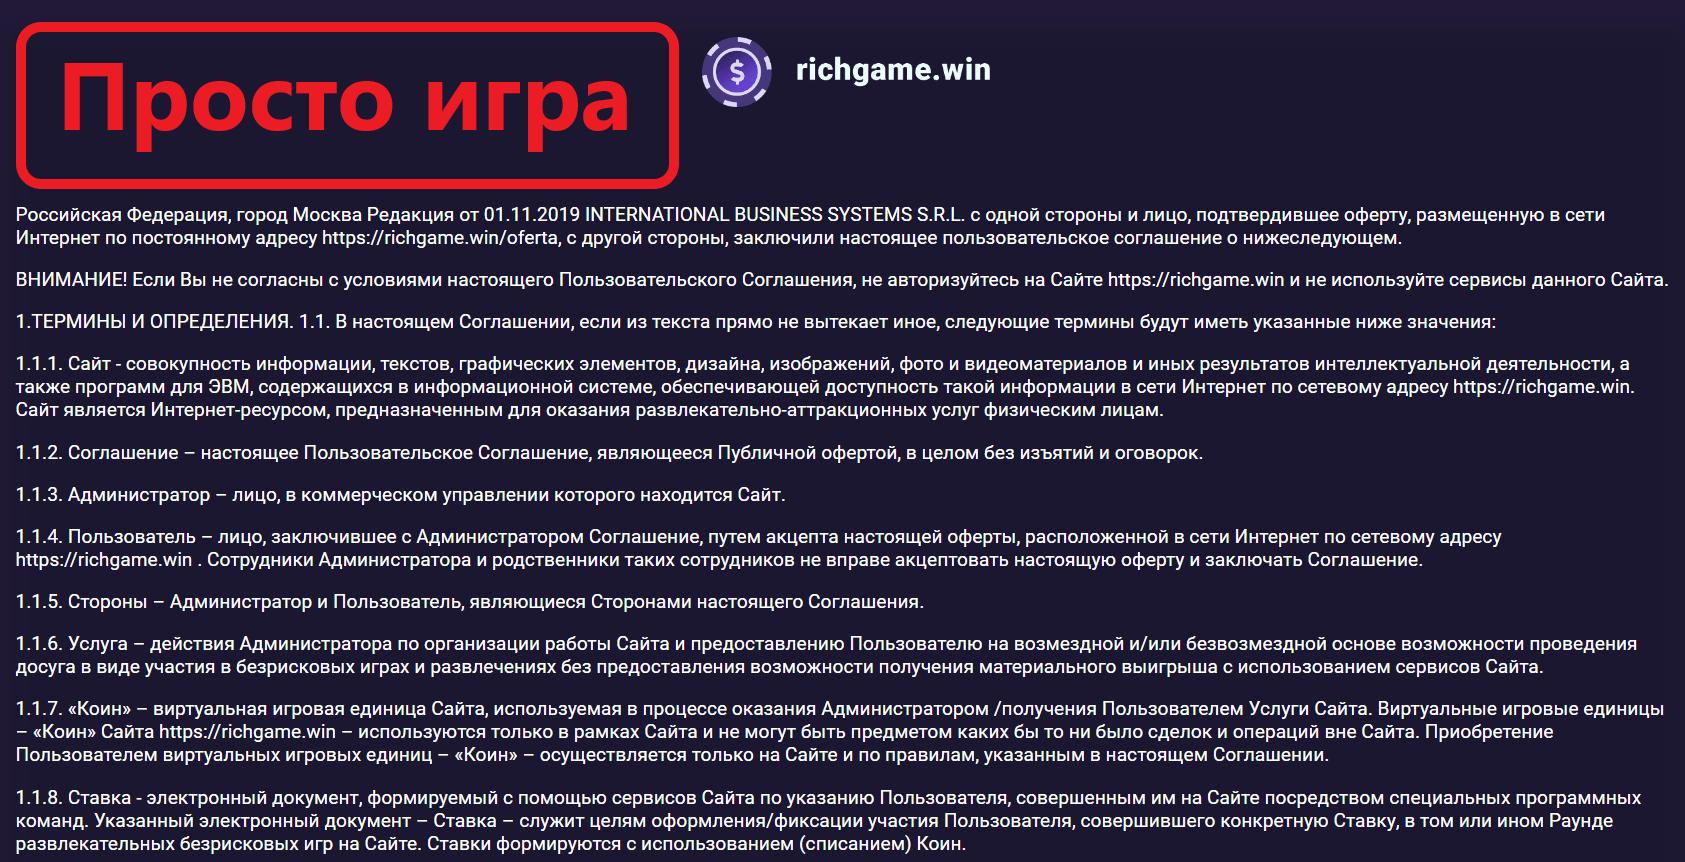 RichGame.WIN - отзывы. Алгоритм игры стратегия и сигналы